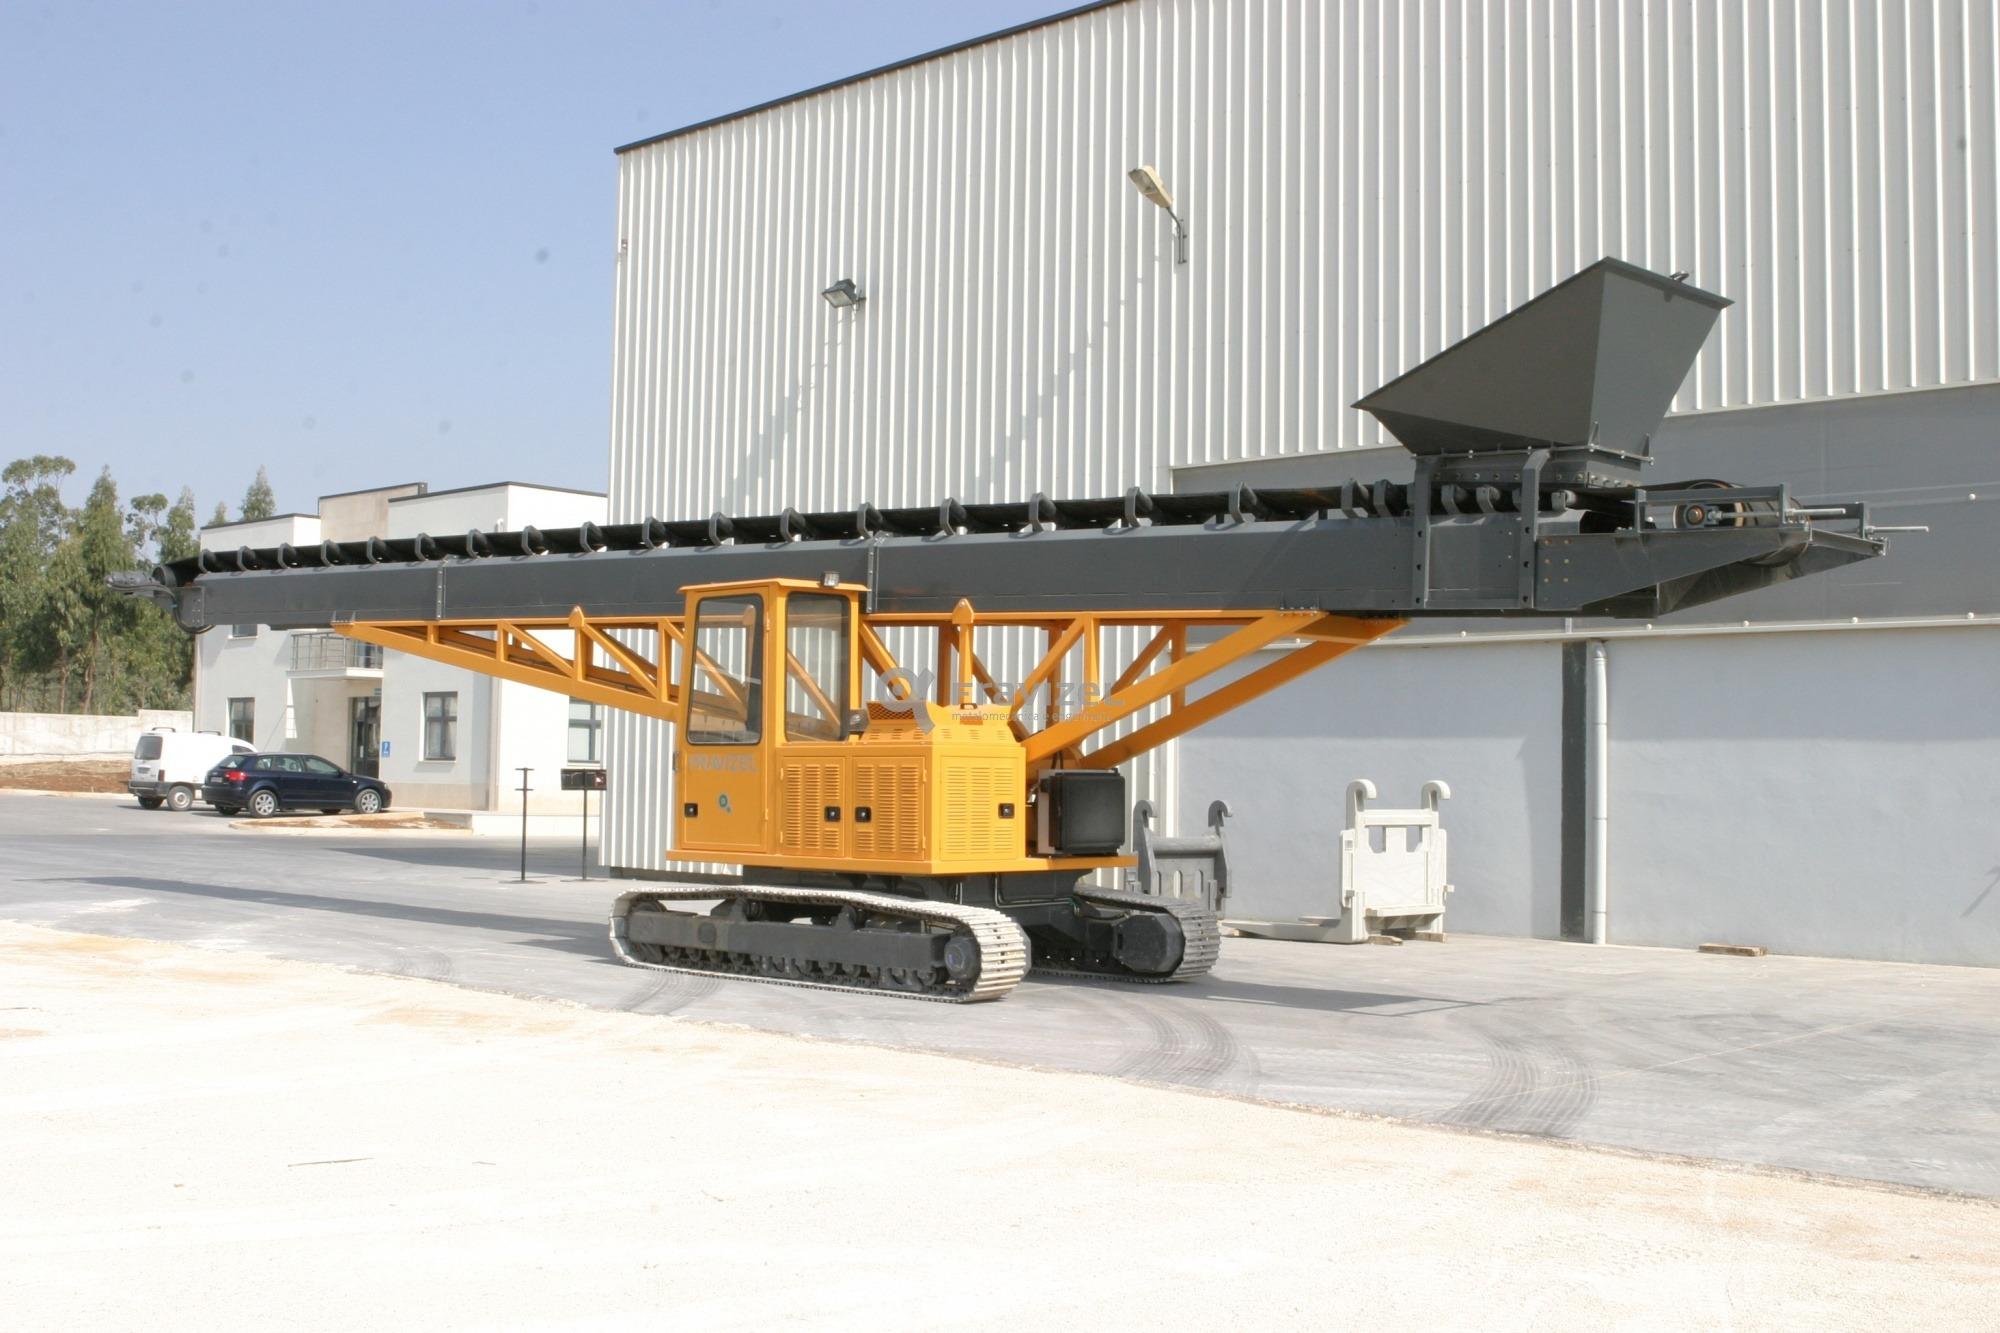 Конвейер для перемещения автомобилей привод к ленточному конвейеру по схеме